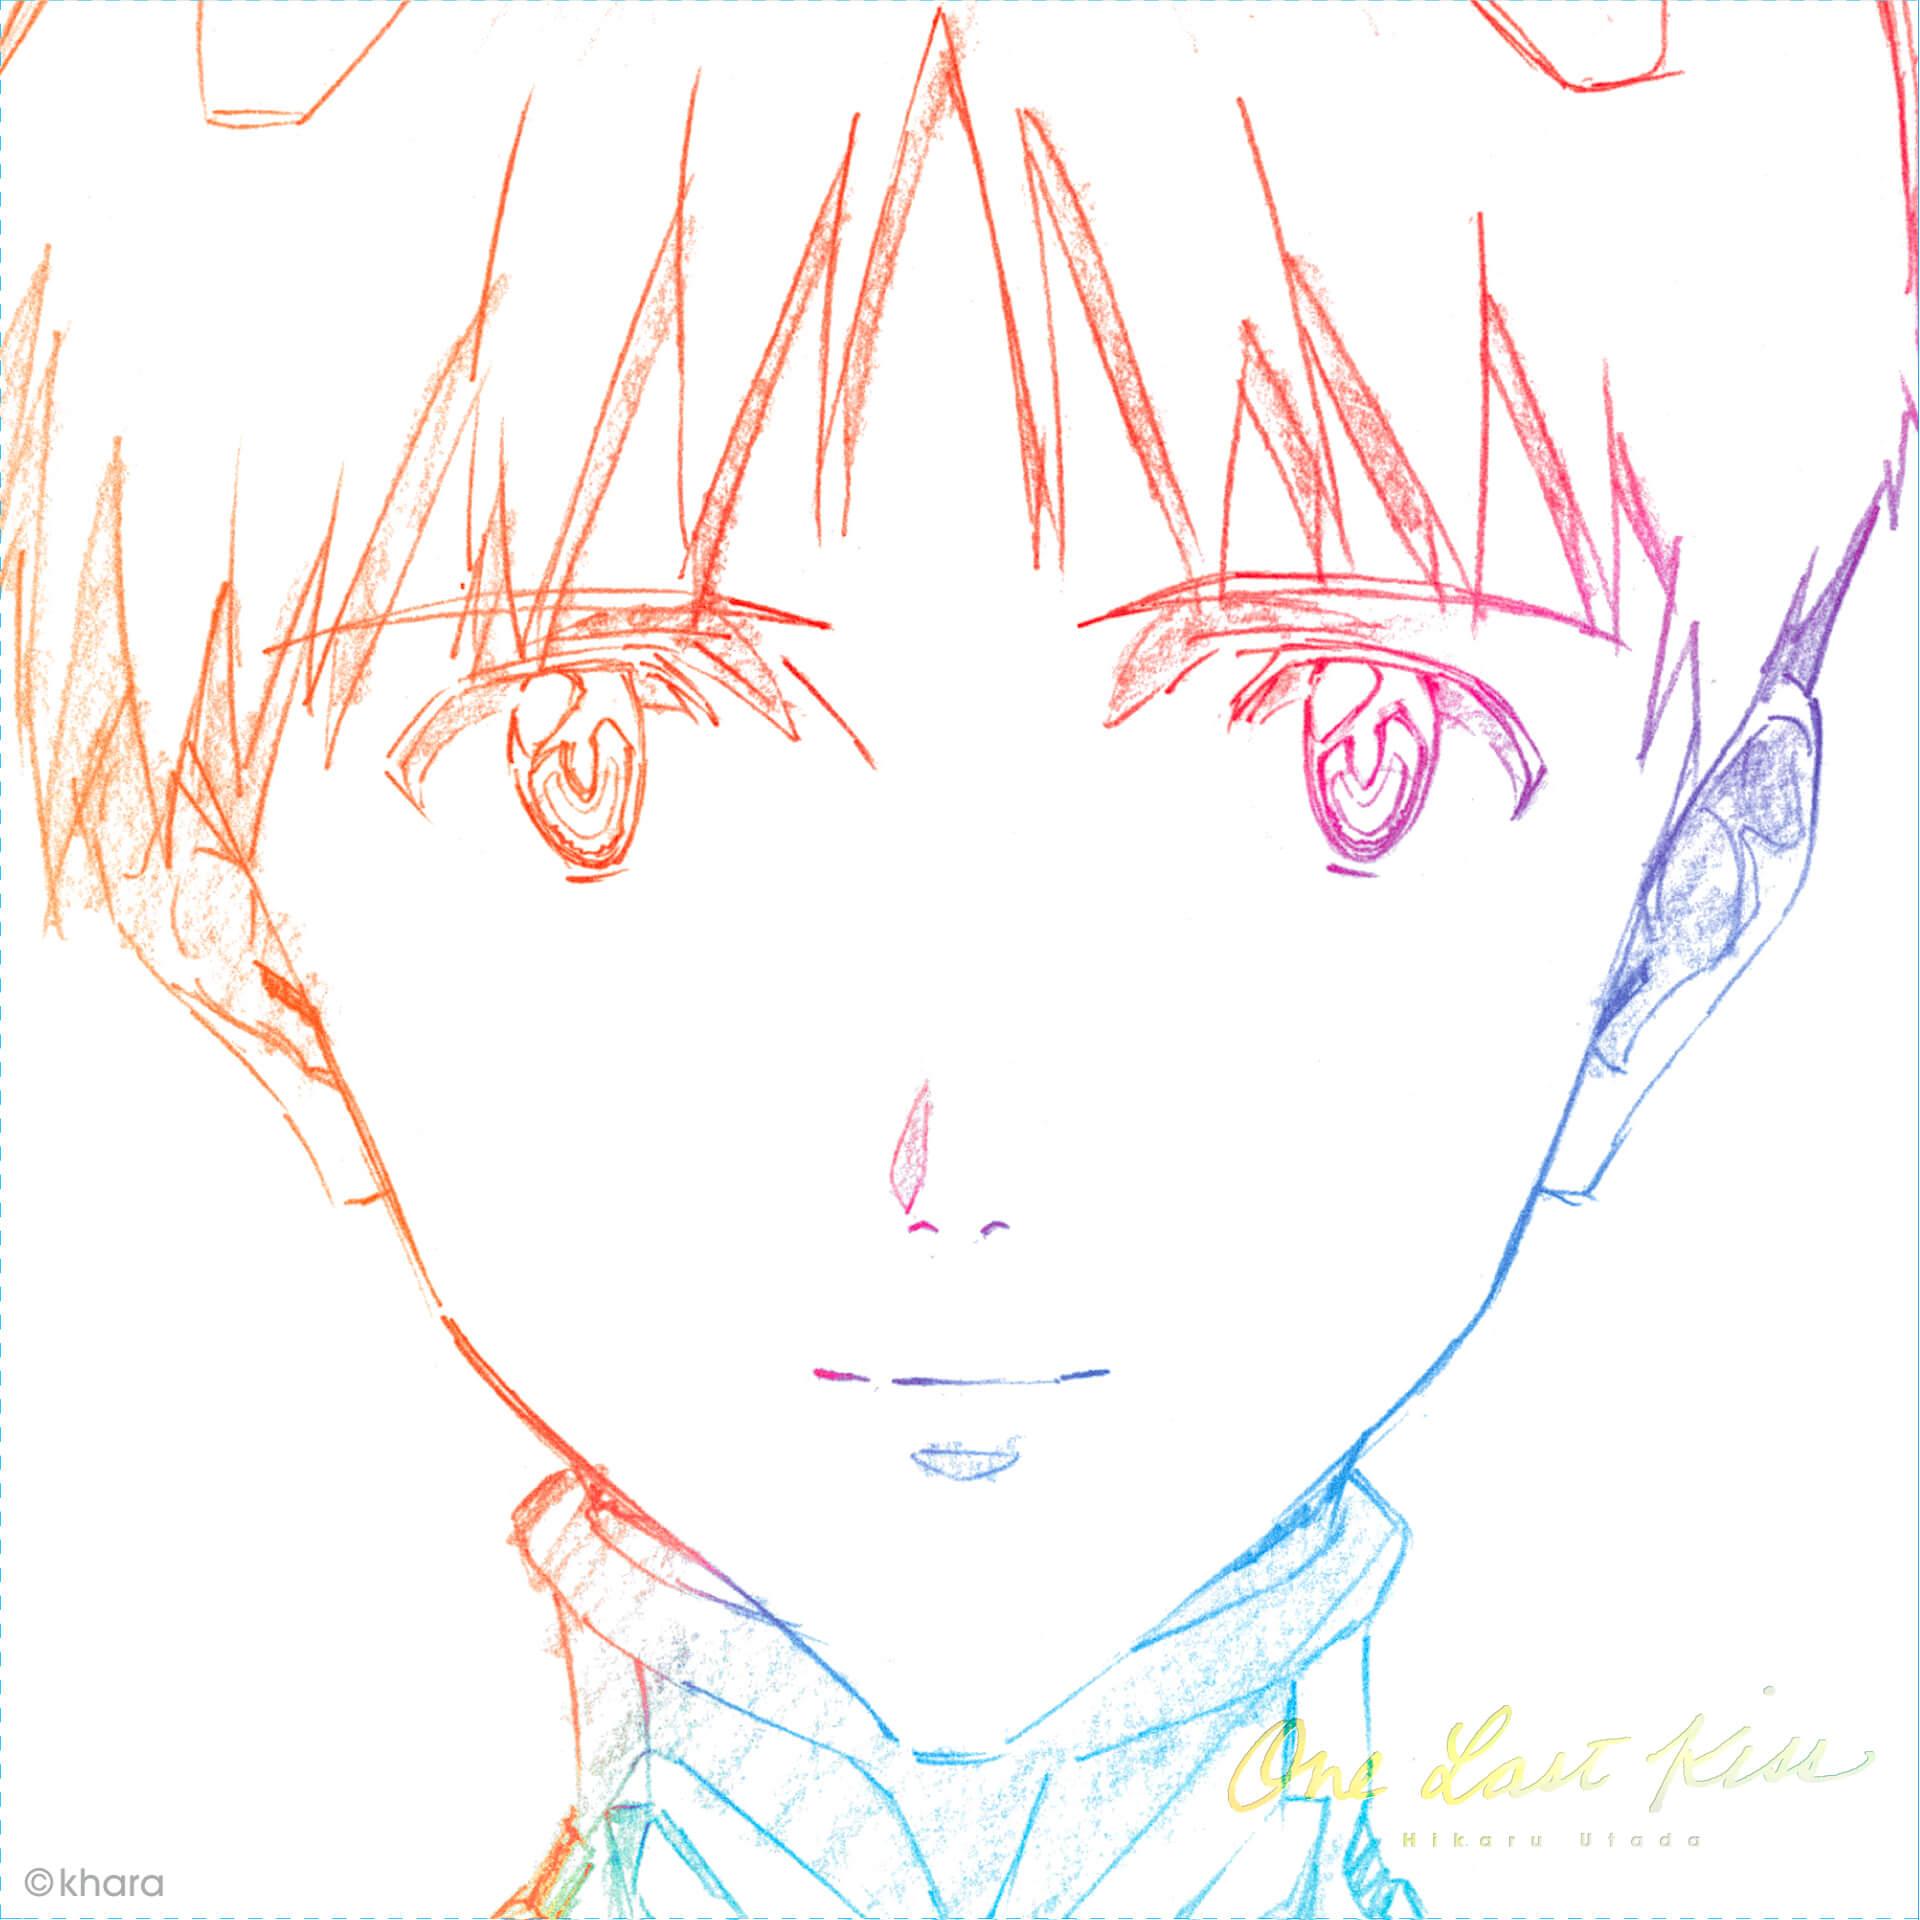 宇多田ヒカルによる人気Instagram番組『ヒカルパイセンに聞け!』が1日限定で復活! music210426_utadahikaru_1